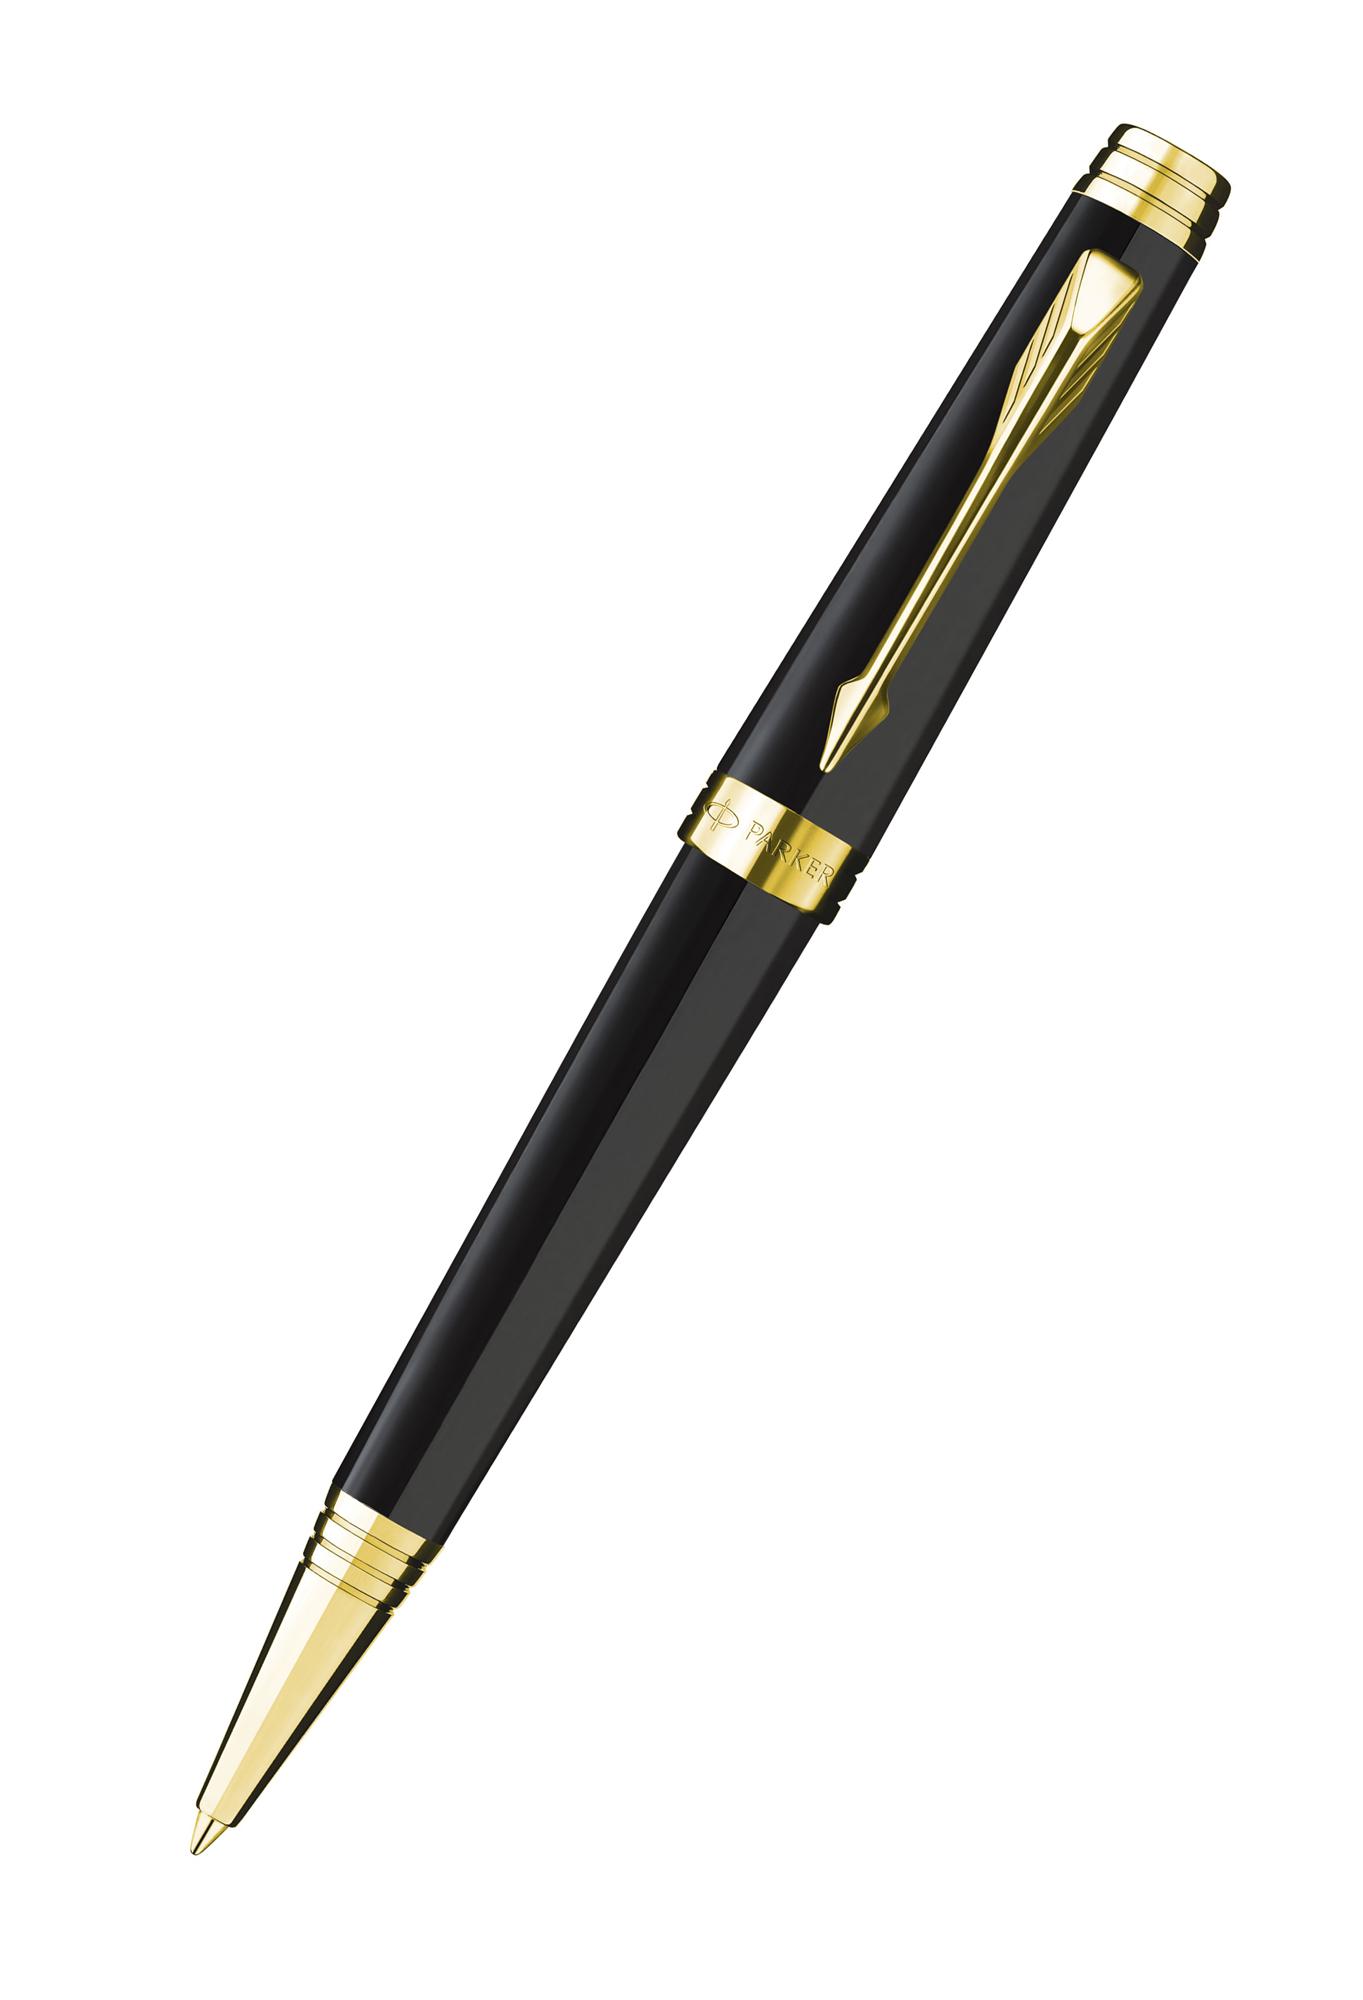 Шариковая ручка Parker Duofold K89 Black PT чернила черные S0690650